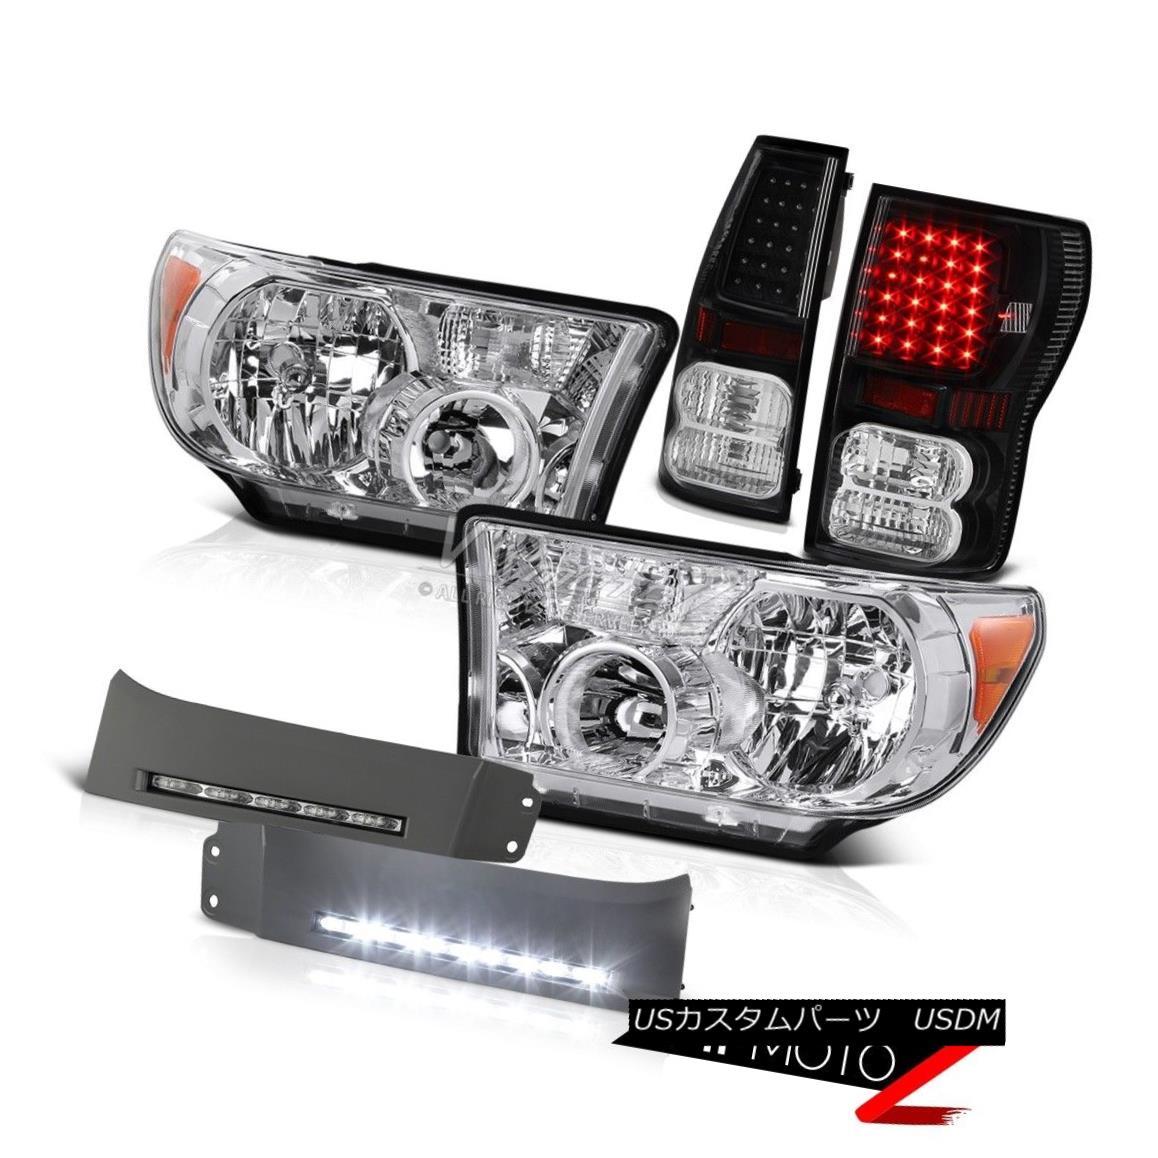 激安超安値 ヘッドライト Bulbs 2007-13 Toyota Tundra LIMITED Headlights Black Tundra Black LED Bulbs Tail Lamps SMD Foglight 2007-13 Toyota Tundra LIMITEDヘッドライトブラックLED電球テールランプSMDフォグライト, 関西トリカエ隊:7d56e2bc --- scrabblewordsfinder.net